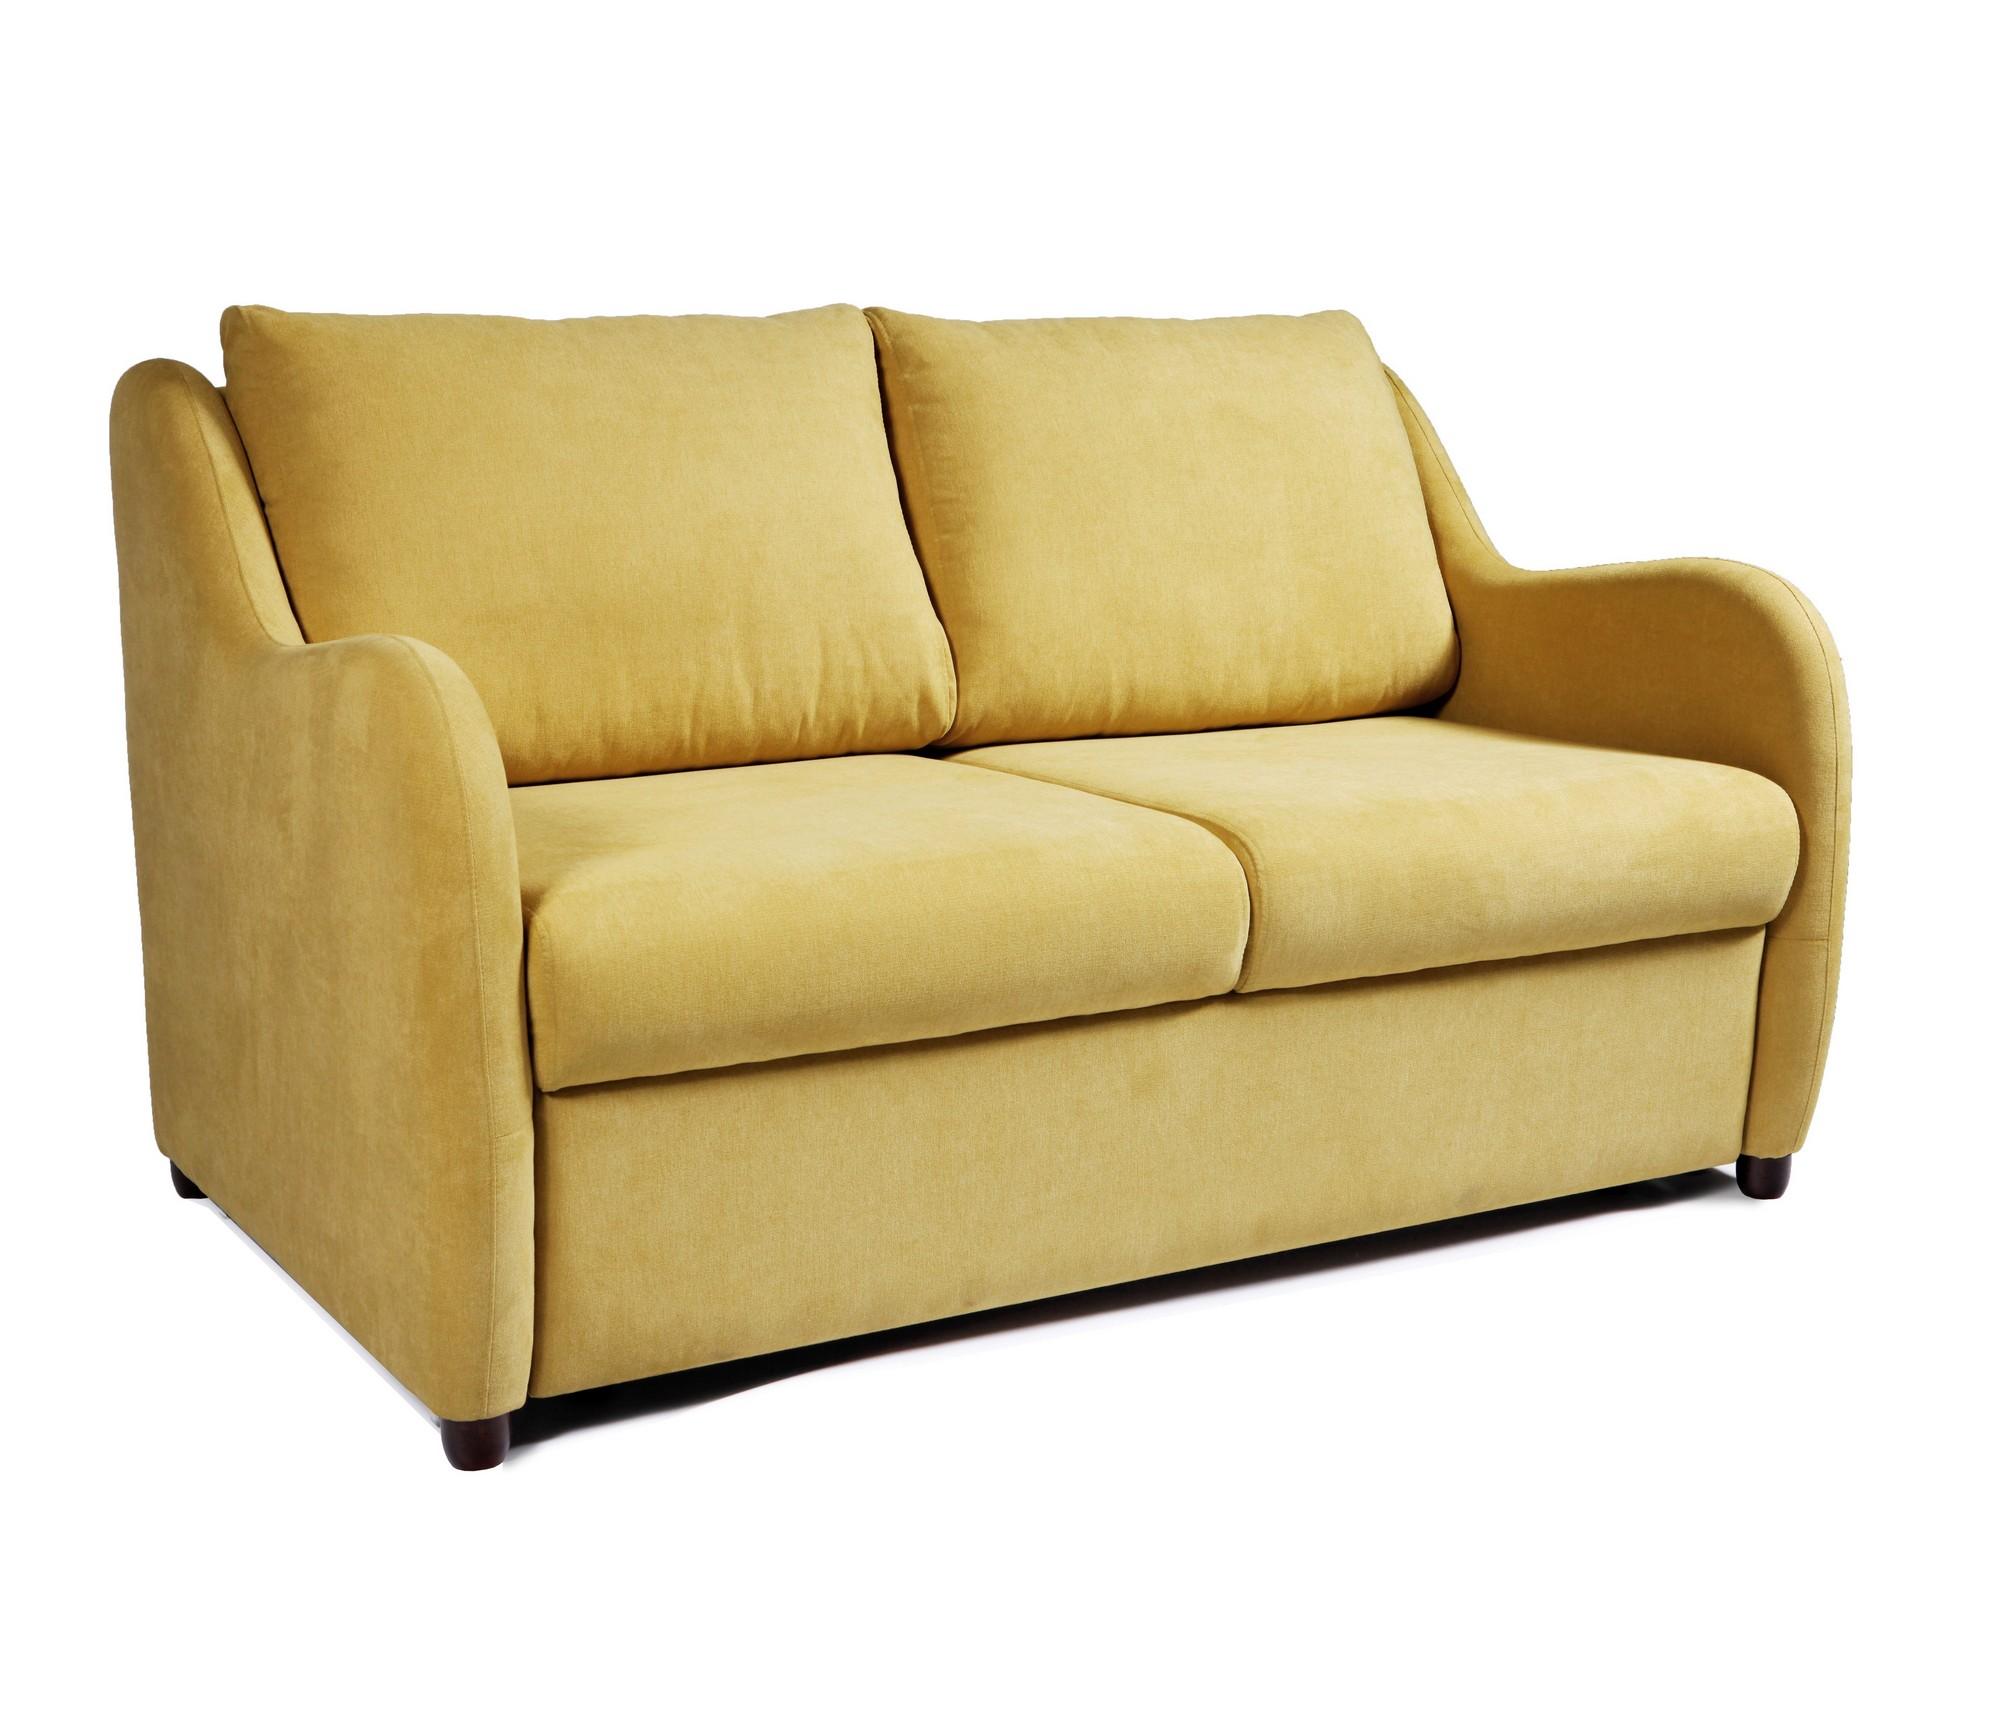 Myfurnish диван universal желтый  38009/8